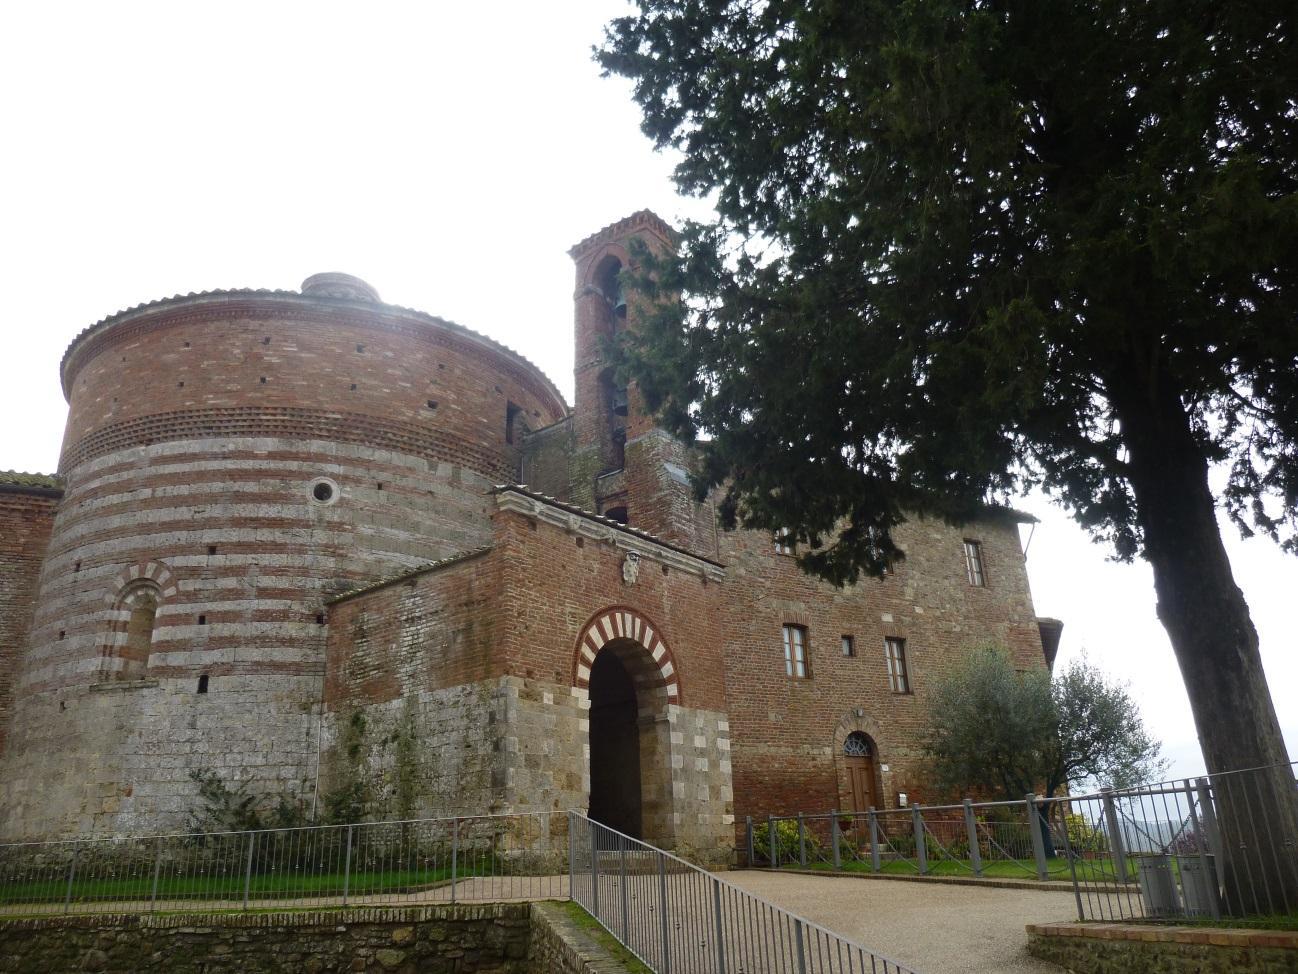 C:\Users\Gonzalo\Desktop\Documentos\Fotografías\La Toscana\103_PANA\P1030093.JPG